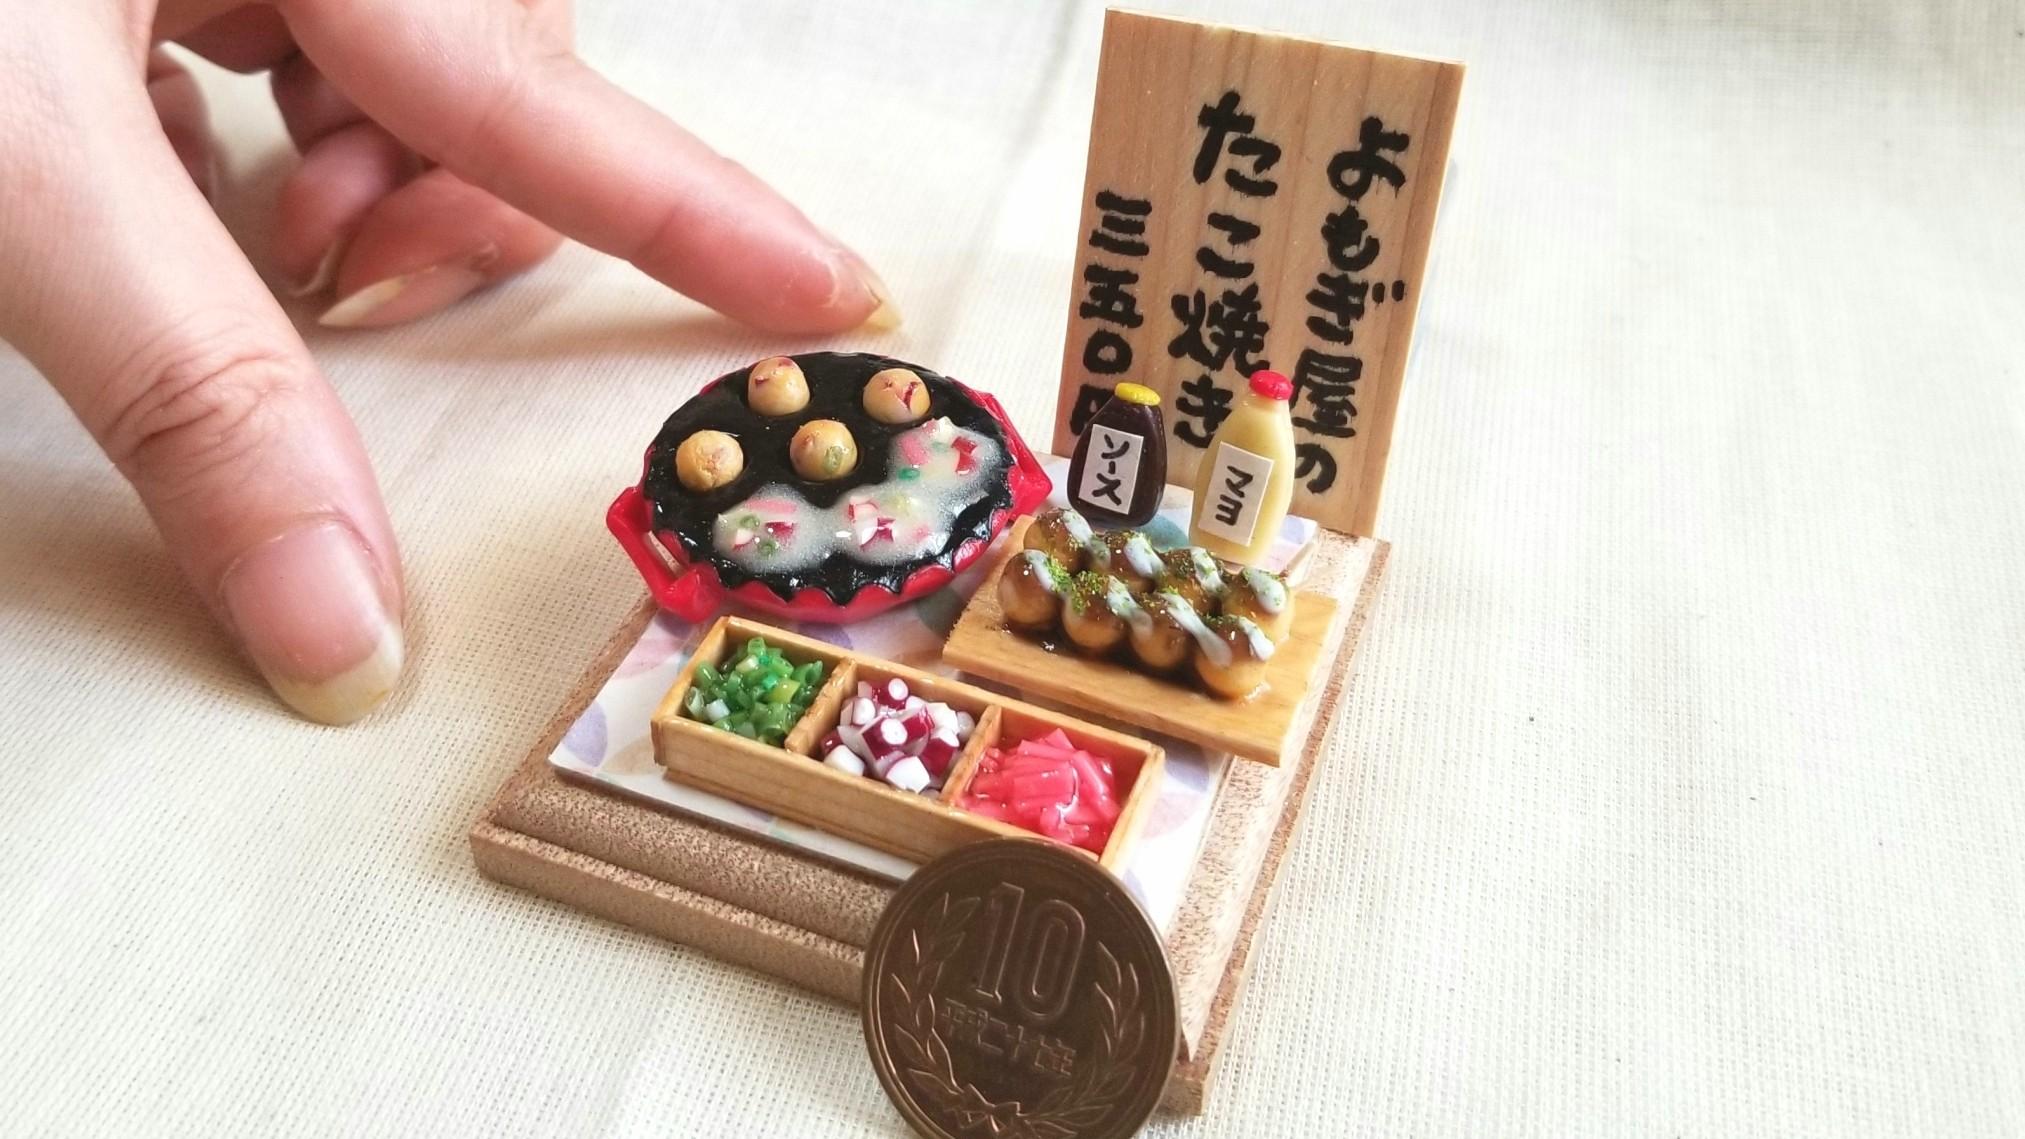 関西風,大阪のたこ焼き,たこパー,美味しそうな,リアルなミニチュア